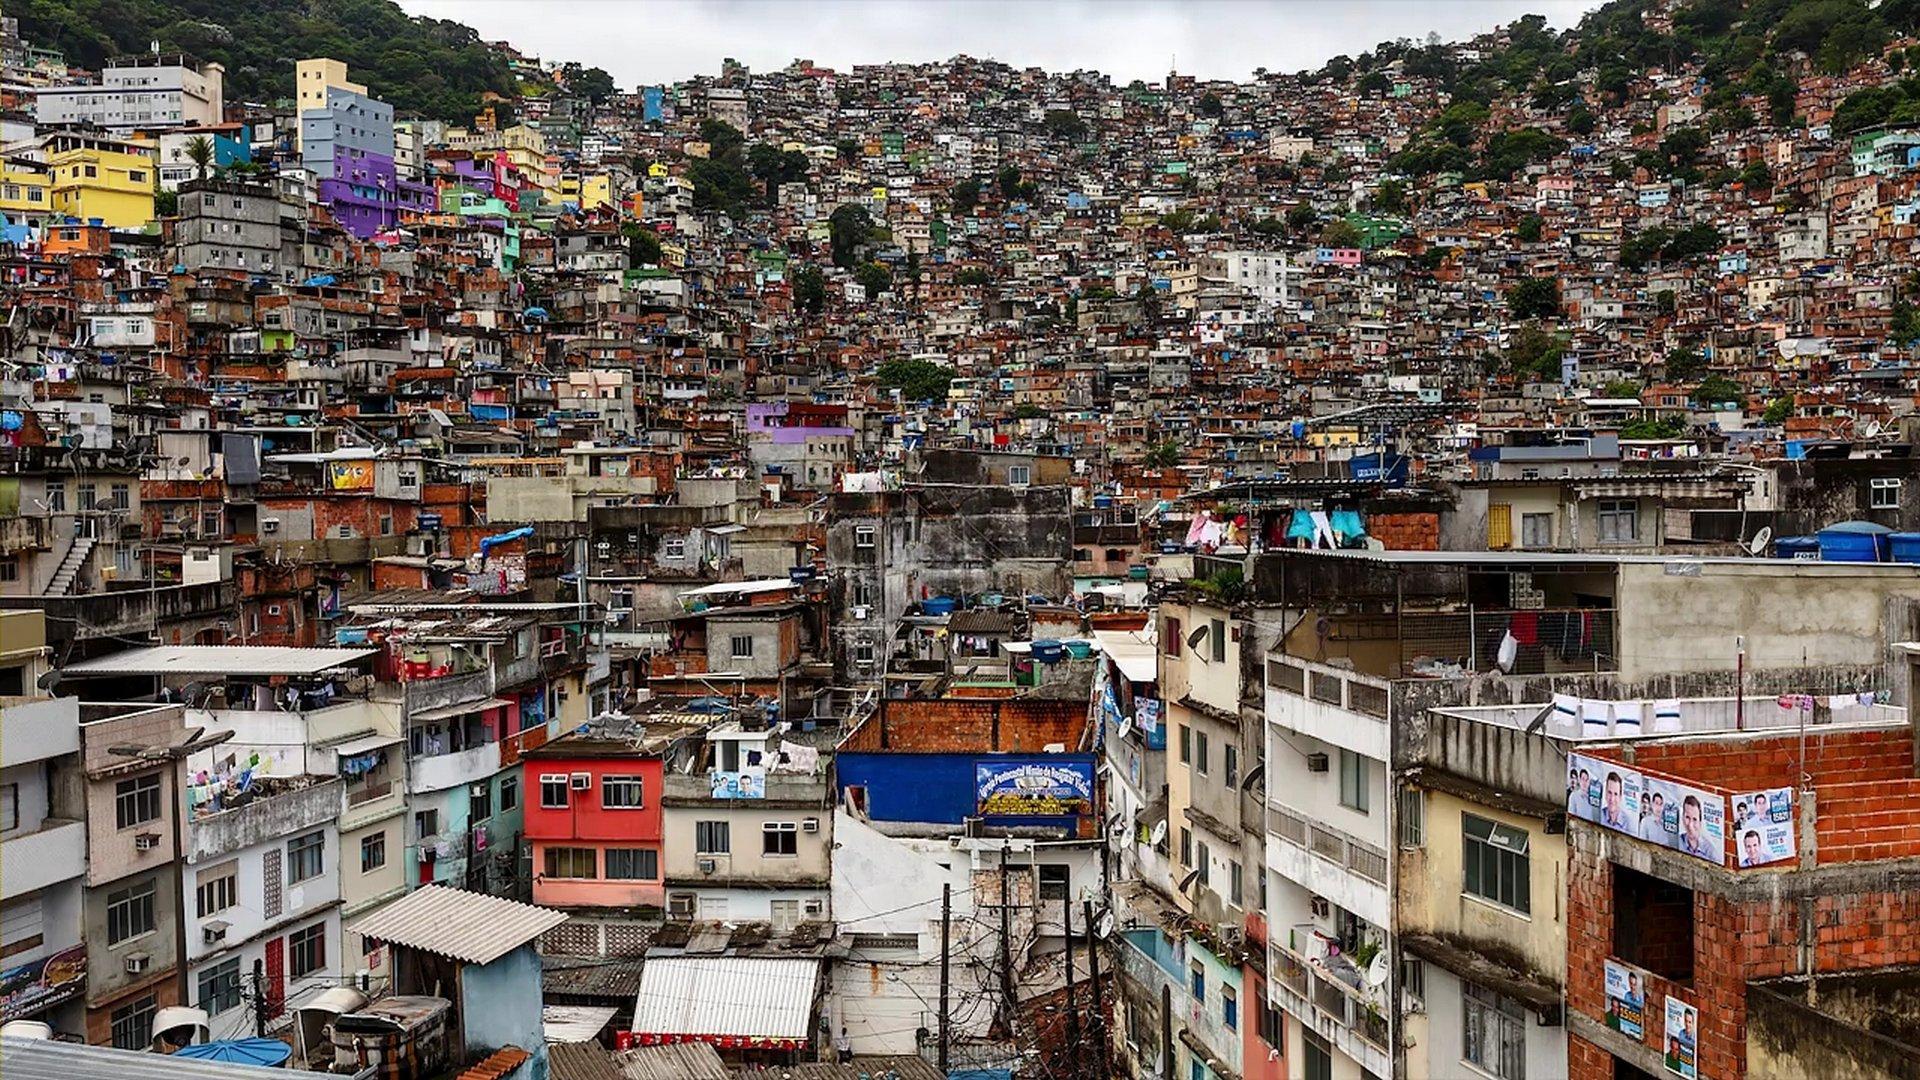 Roaring Disorder: l'accumulo ruggente della miseria – I Parte